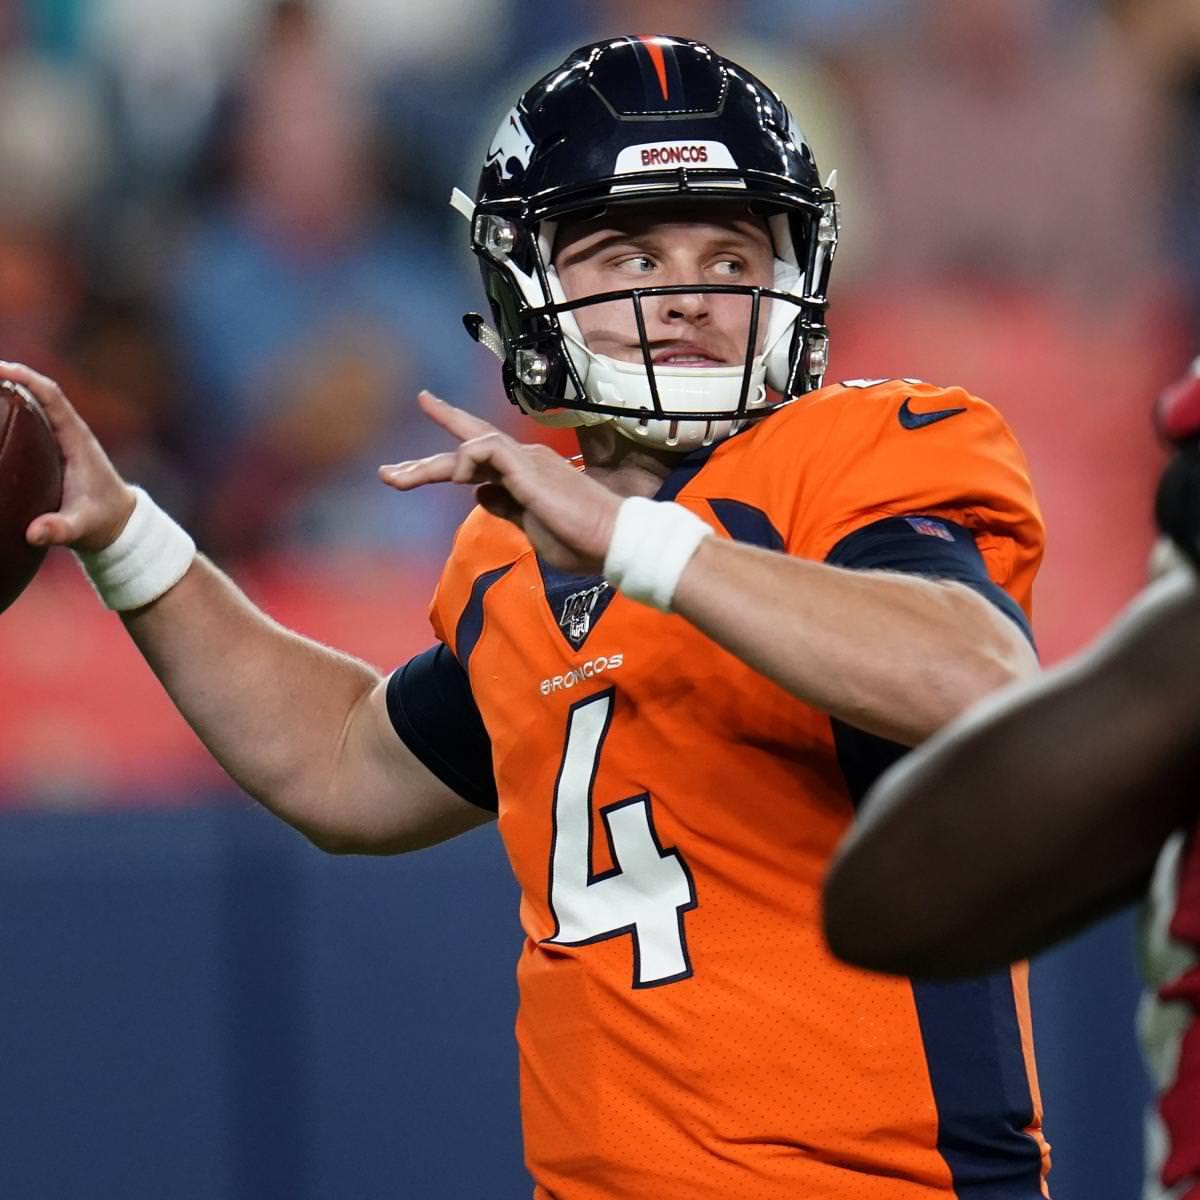 Relatório: Brett Rypien vai começar para Broncos vs. Jatos no lugar de Drew Lock